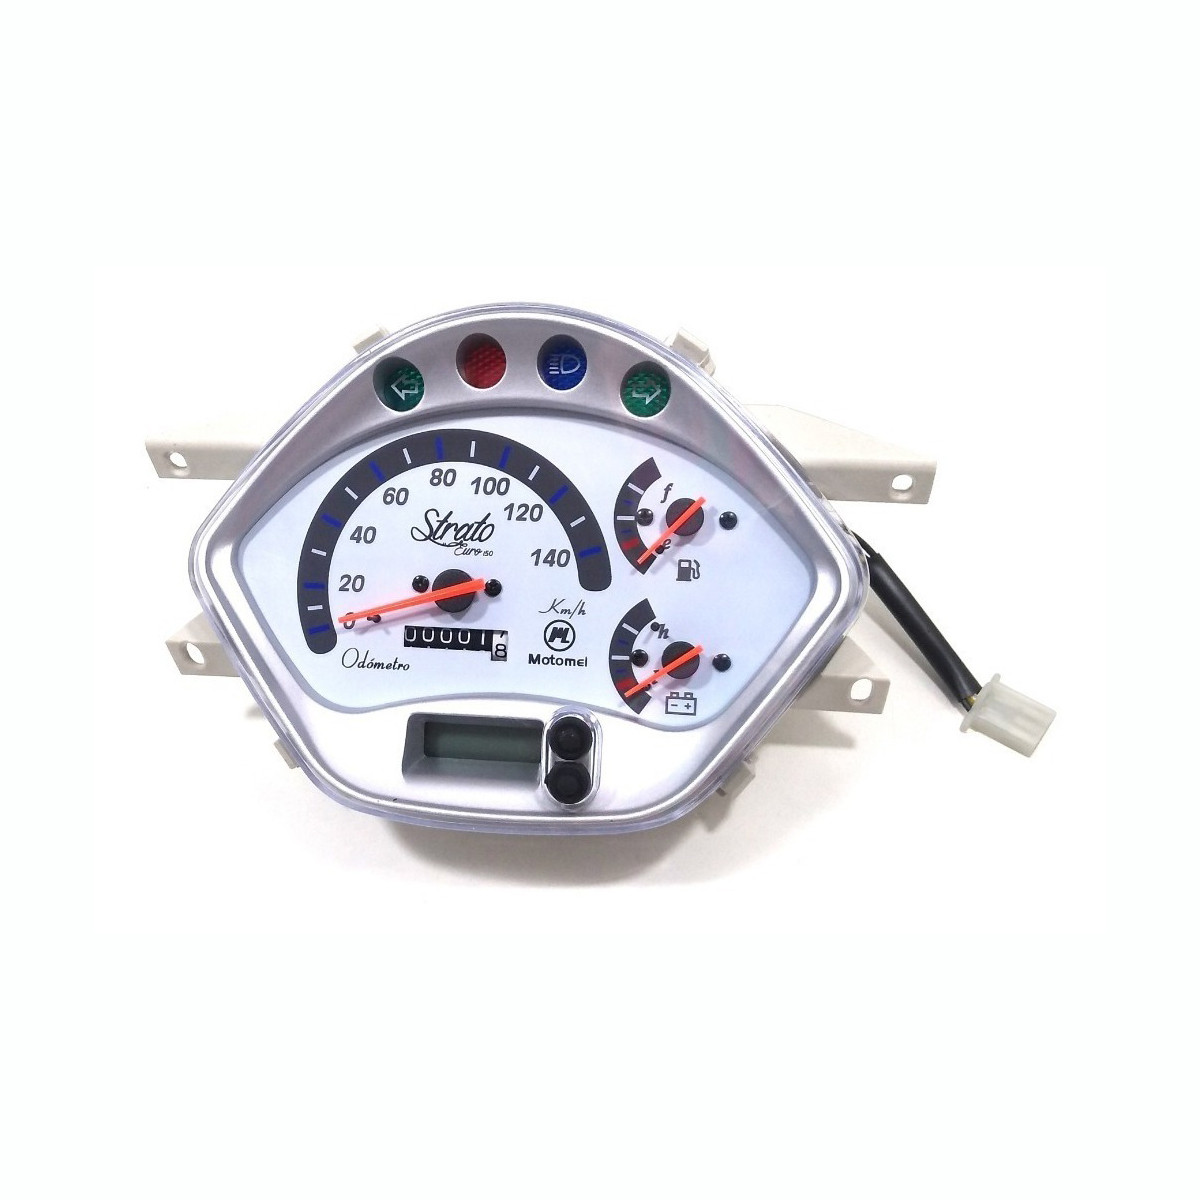 Tablero Velocimetro Motomel Strato Euro 150 Modelo Nuevo Original